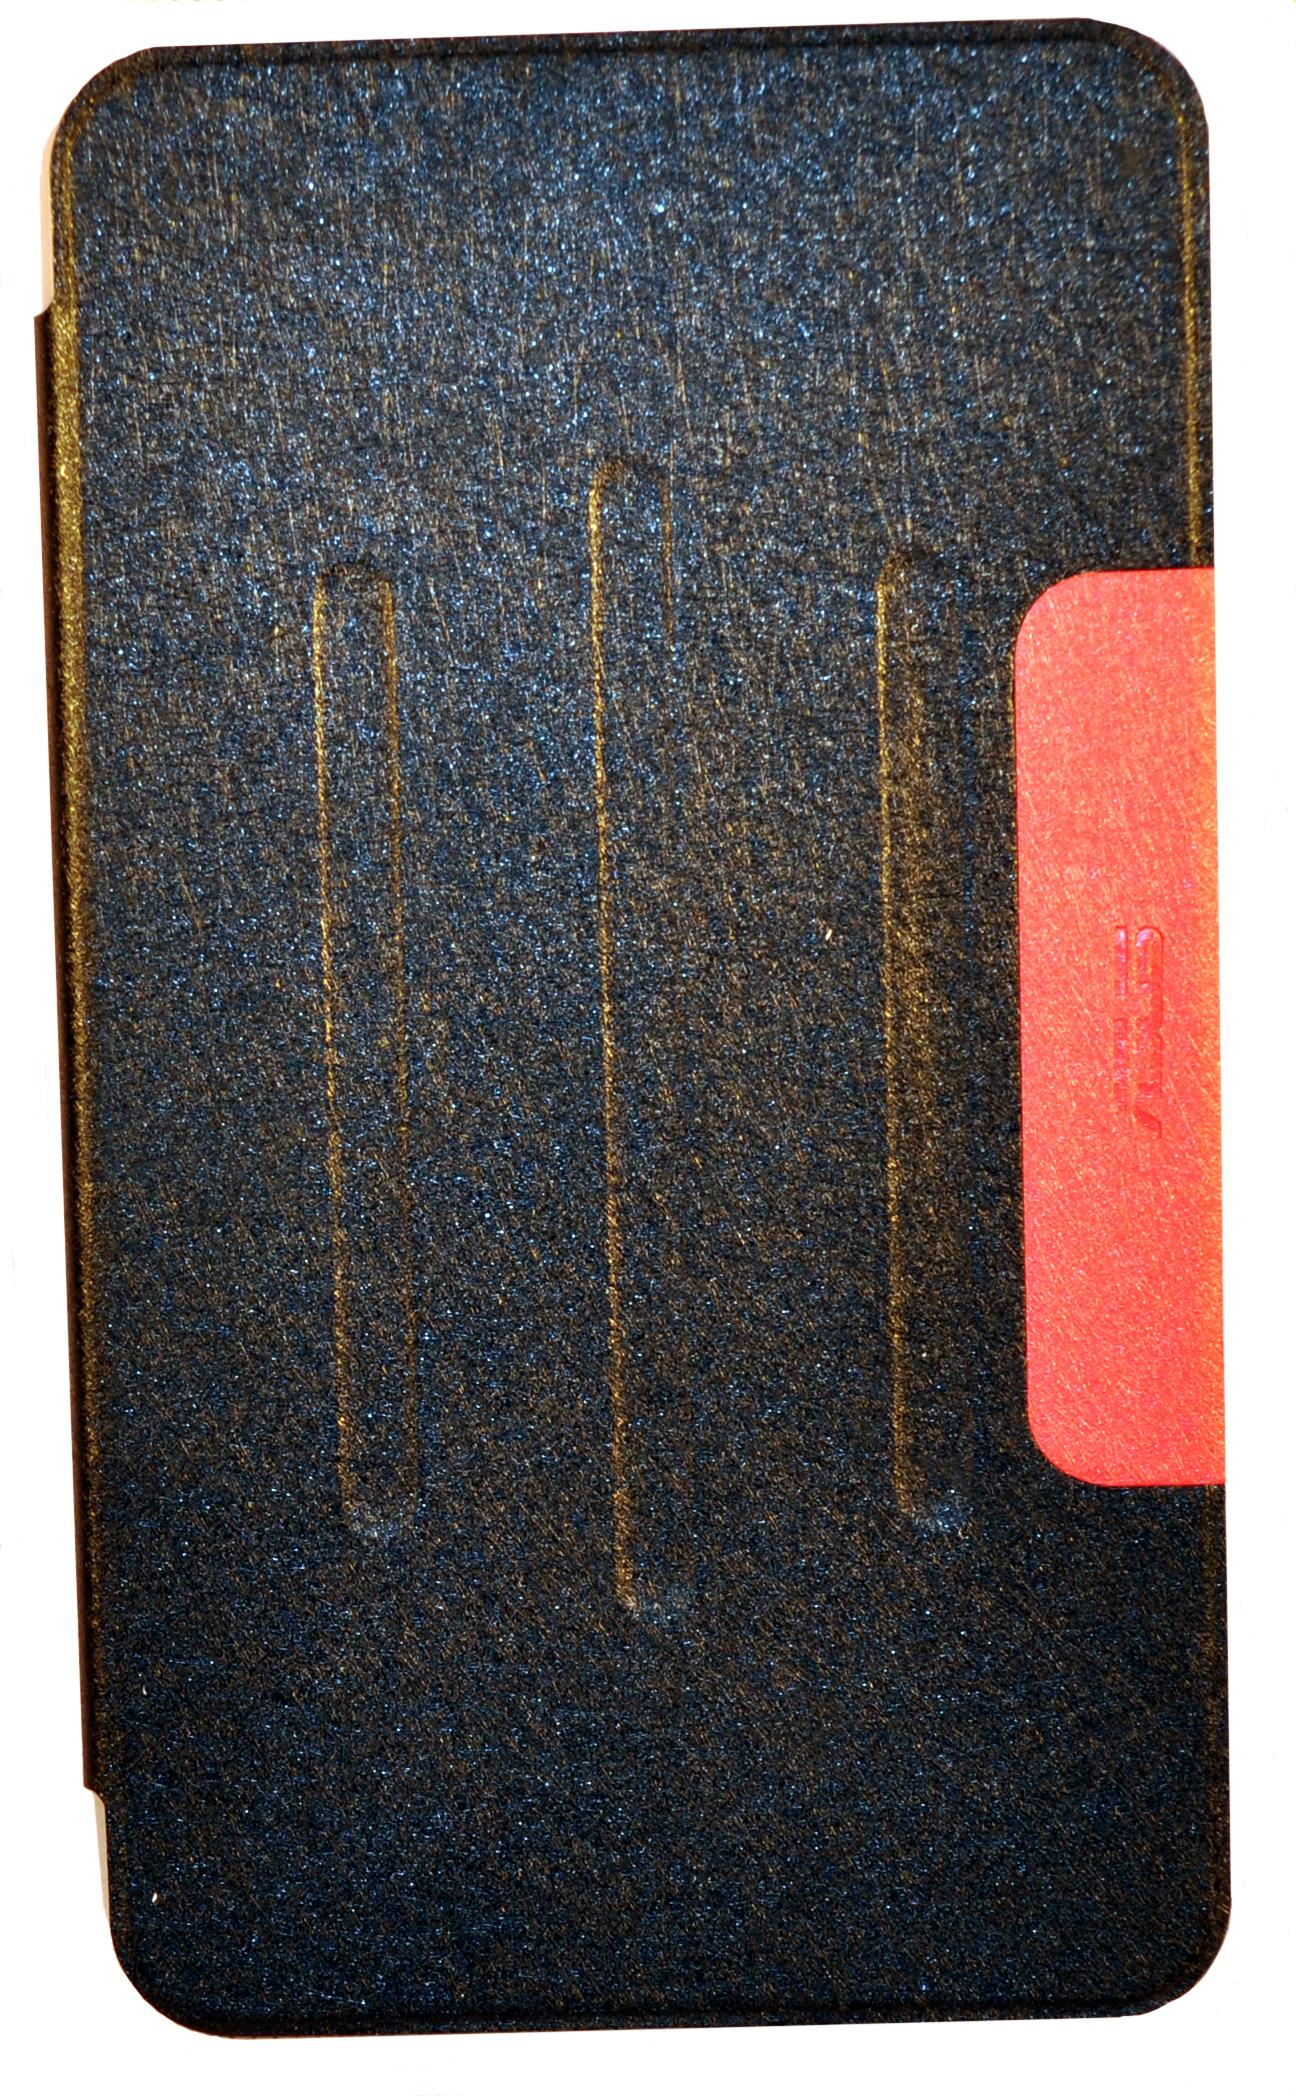 Чехол-книжка Book Cover для ASUS Fonepad 8 FE380CG чёрный